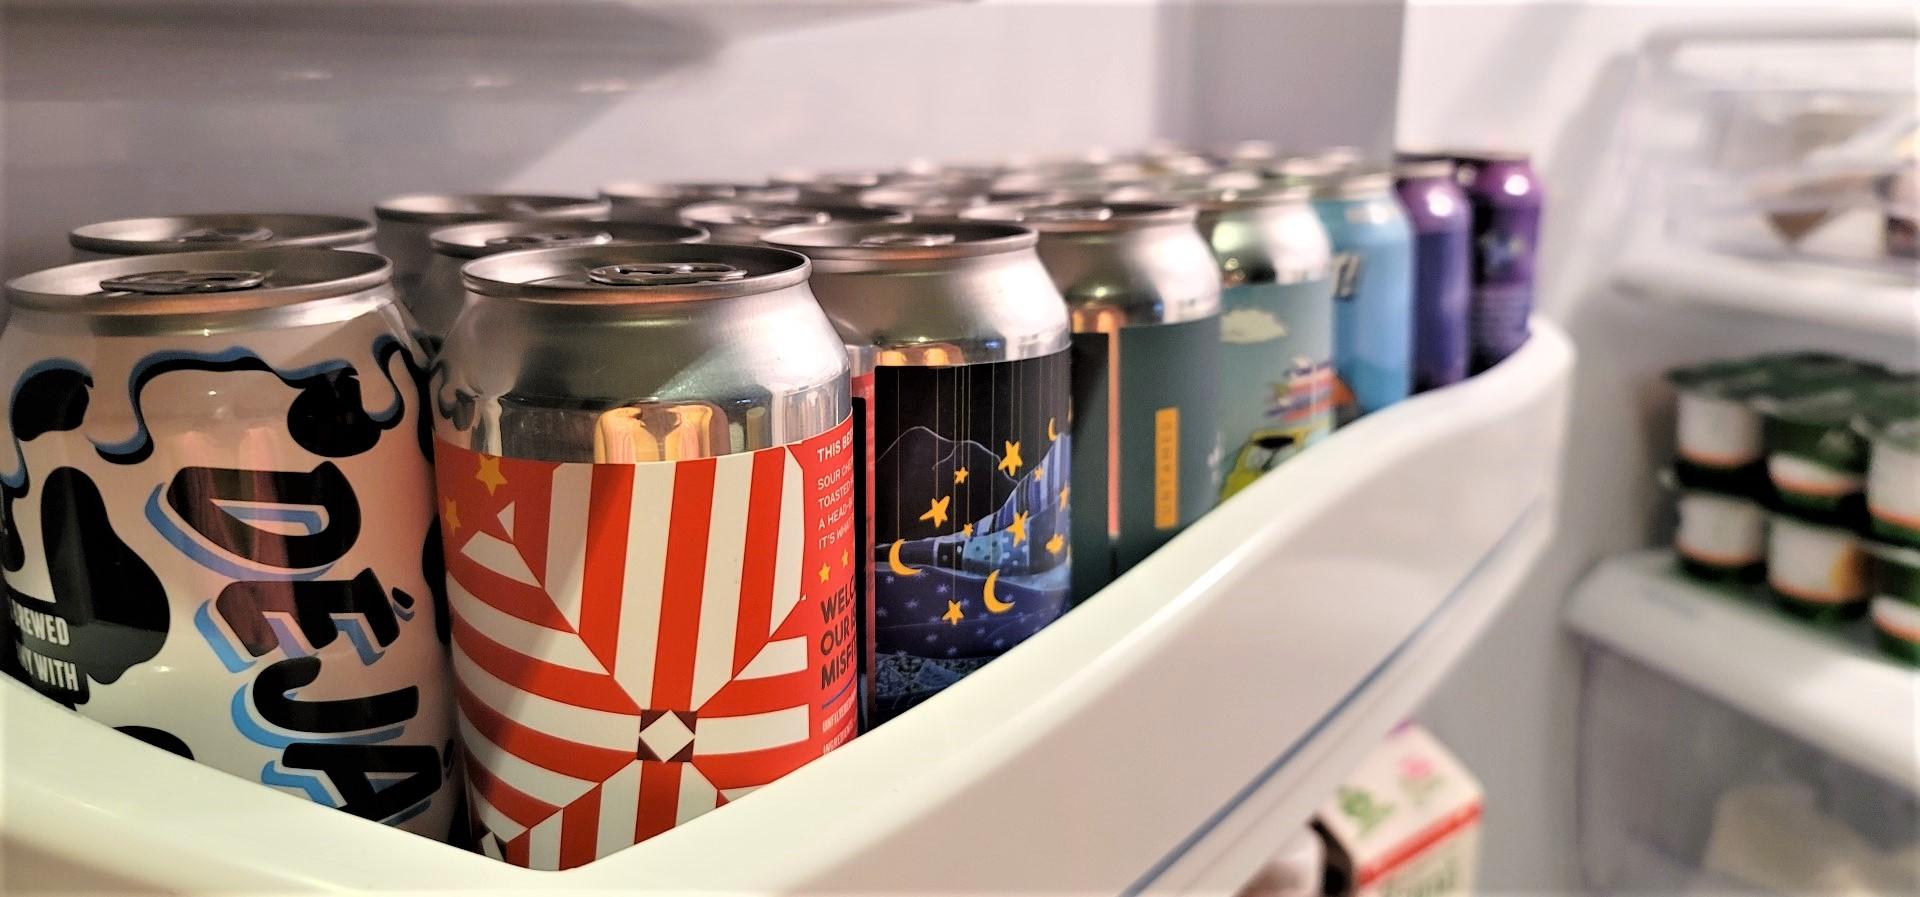 craft beer from Nova Scotia